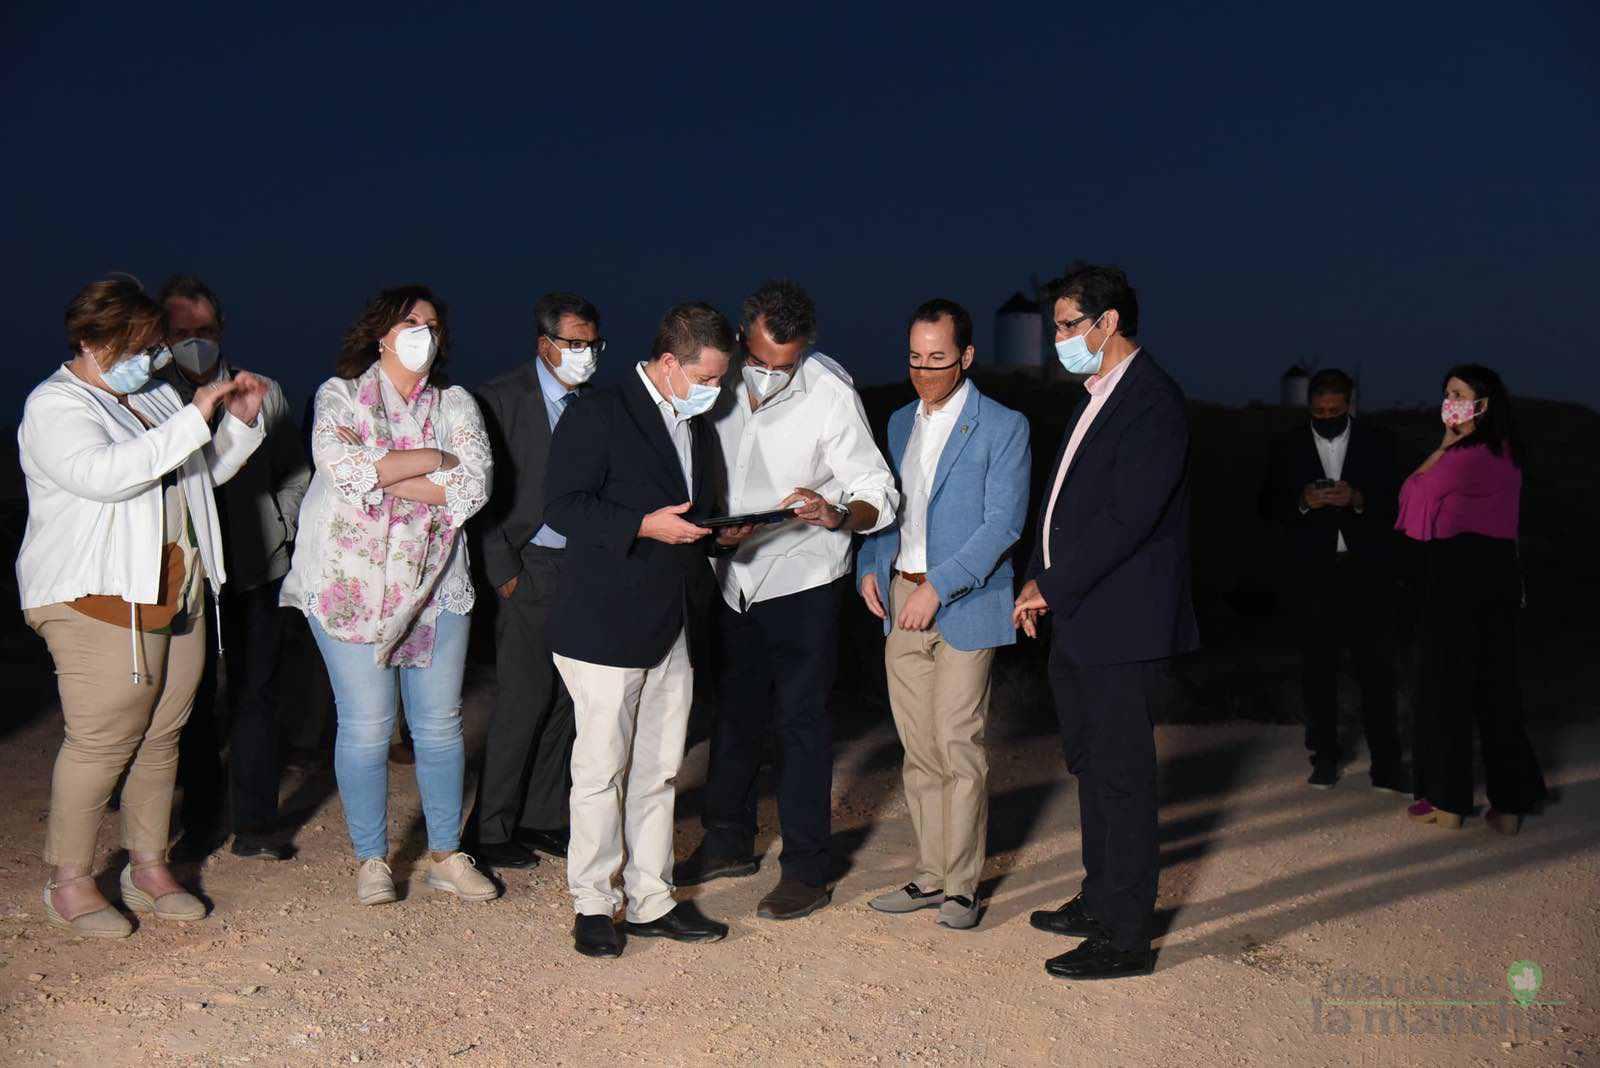 Herencia vuelve a inaugurar con una nueva iluminación artística sus molinos de viento 39